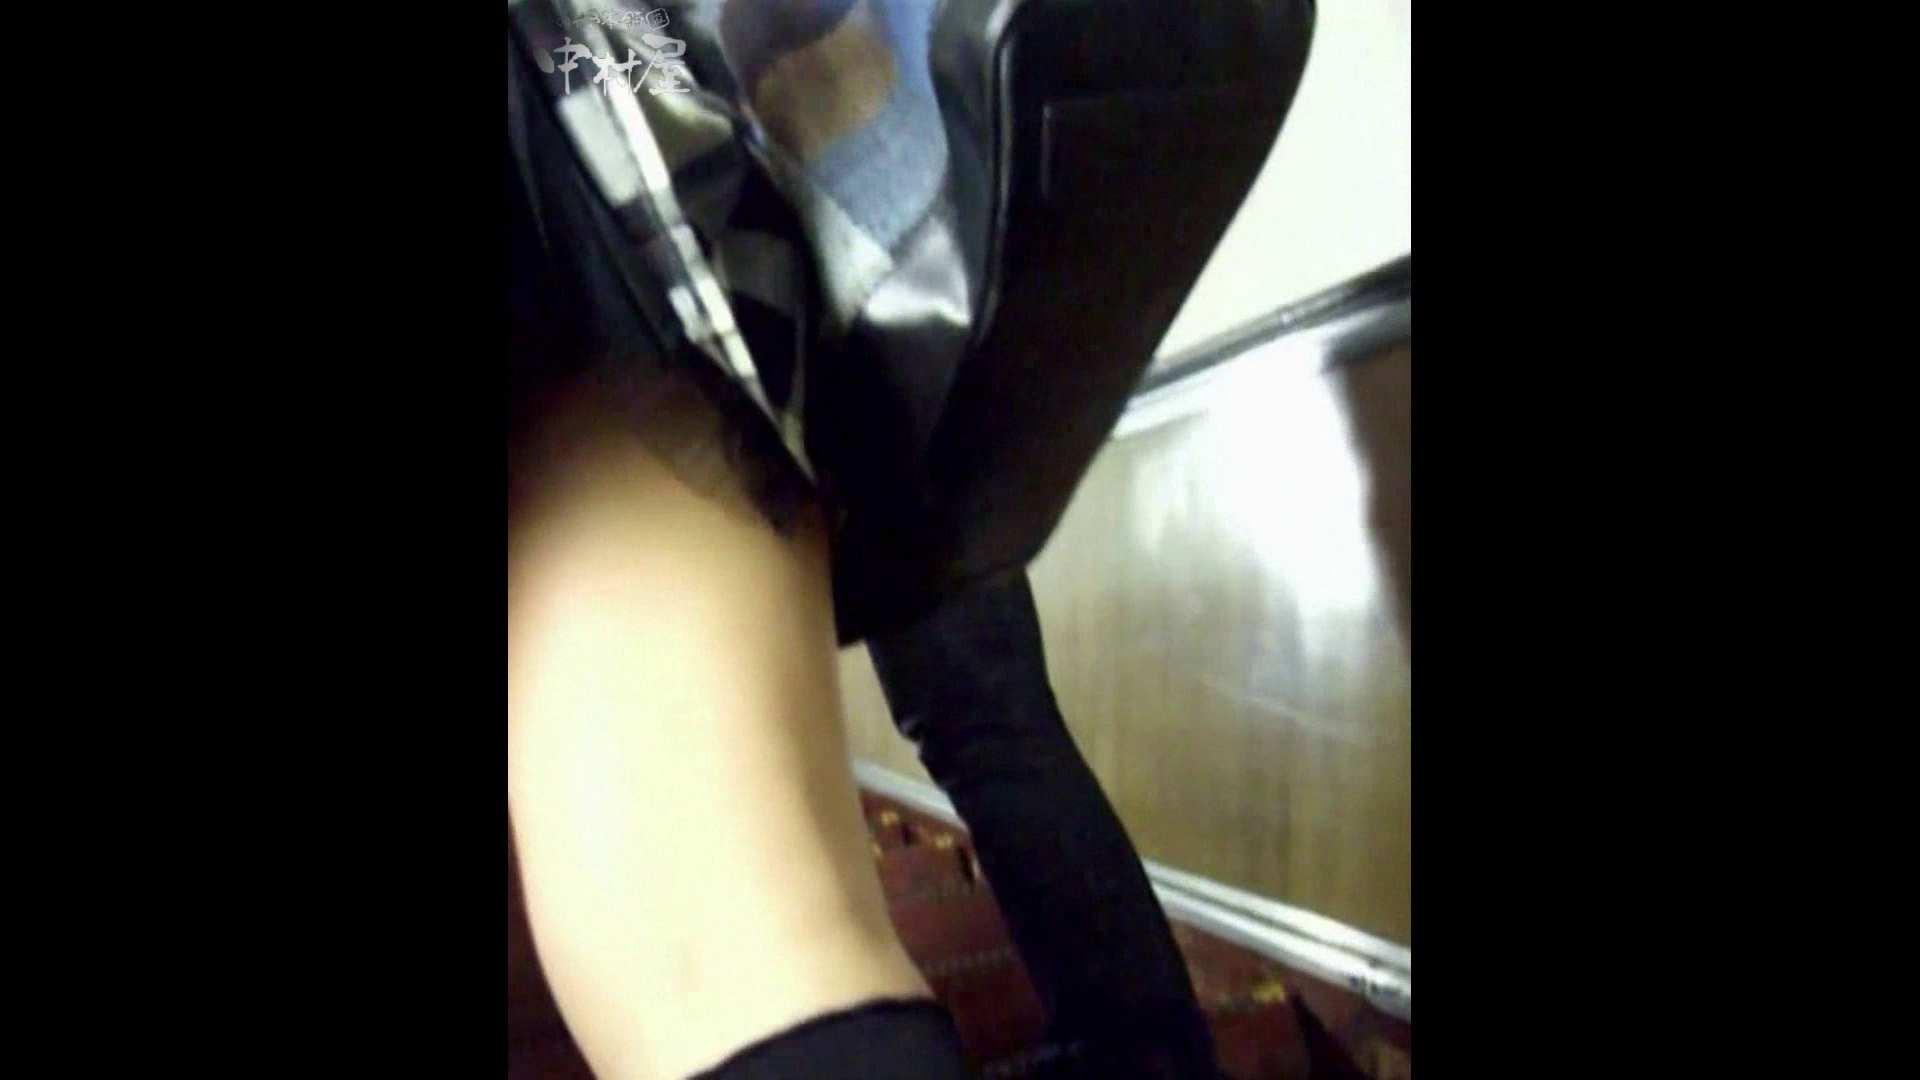 綺麗なモデルさんのスカート捲っちゃおう‼ vol15 お姉さんのエロ生活 | OLのエロ生活  79連発 13